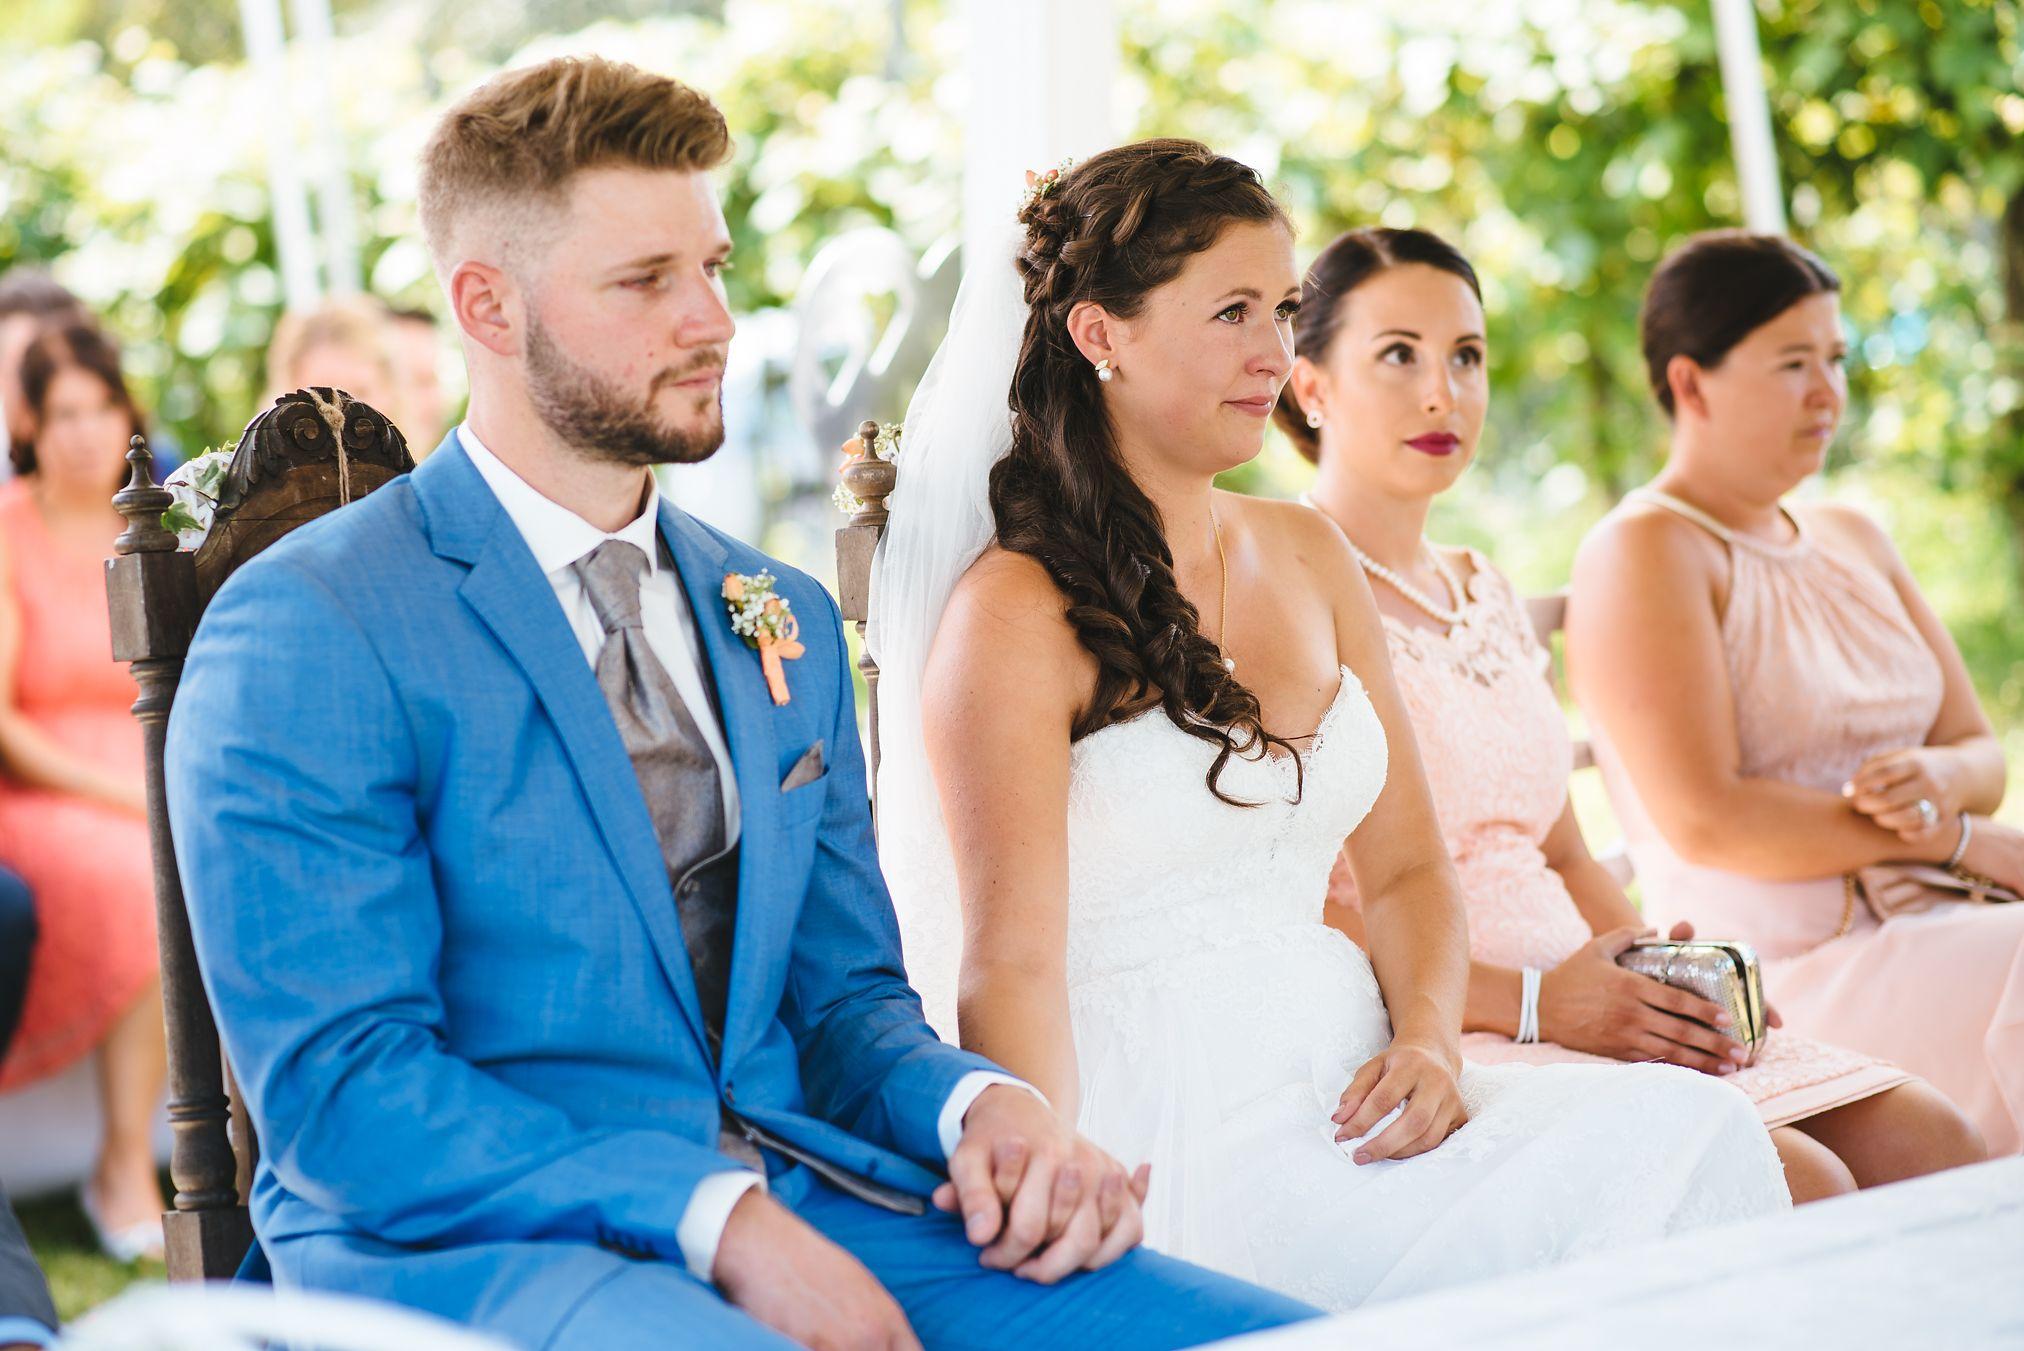 Hochzeit-Traeumerei-27.jpg